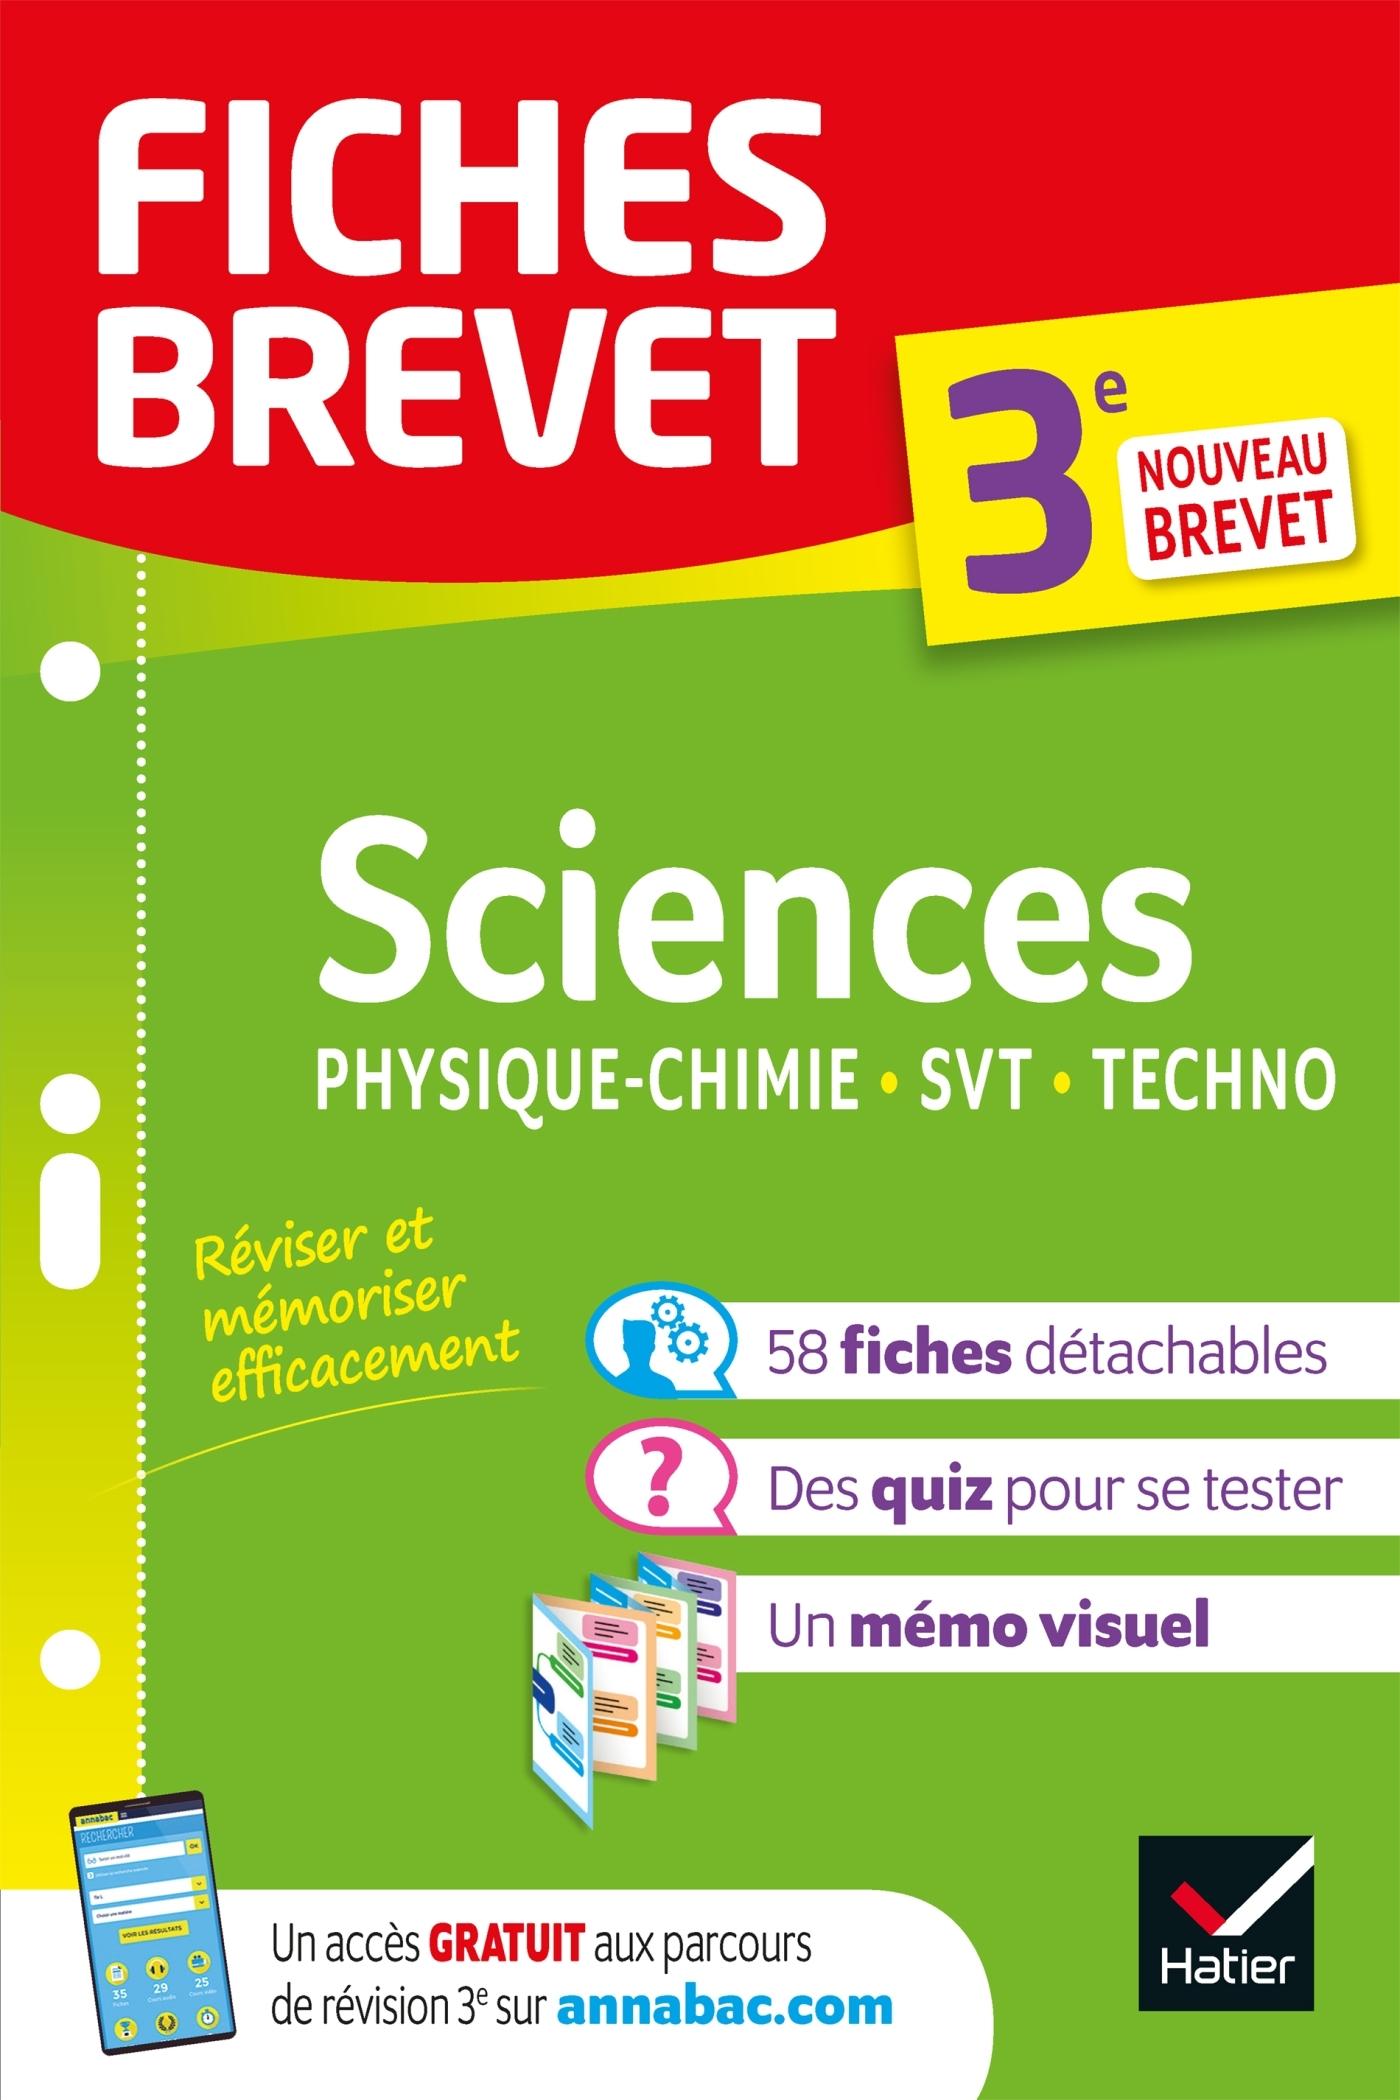 FICHES BREVET SCIENCES 3E : PHYSIQUE-CHIMIE, SVT, TECHNOLOGIE - FICHES DE REVISION POUR LE NOUVEAU B